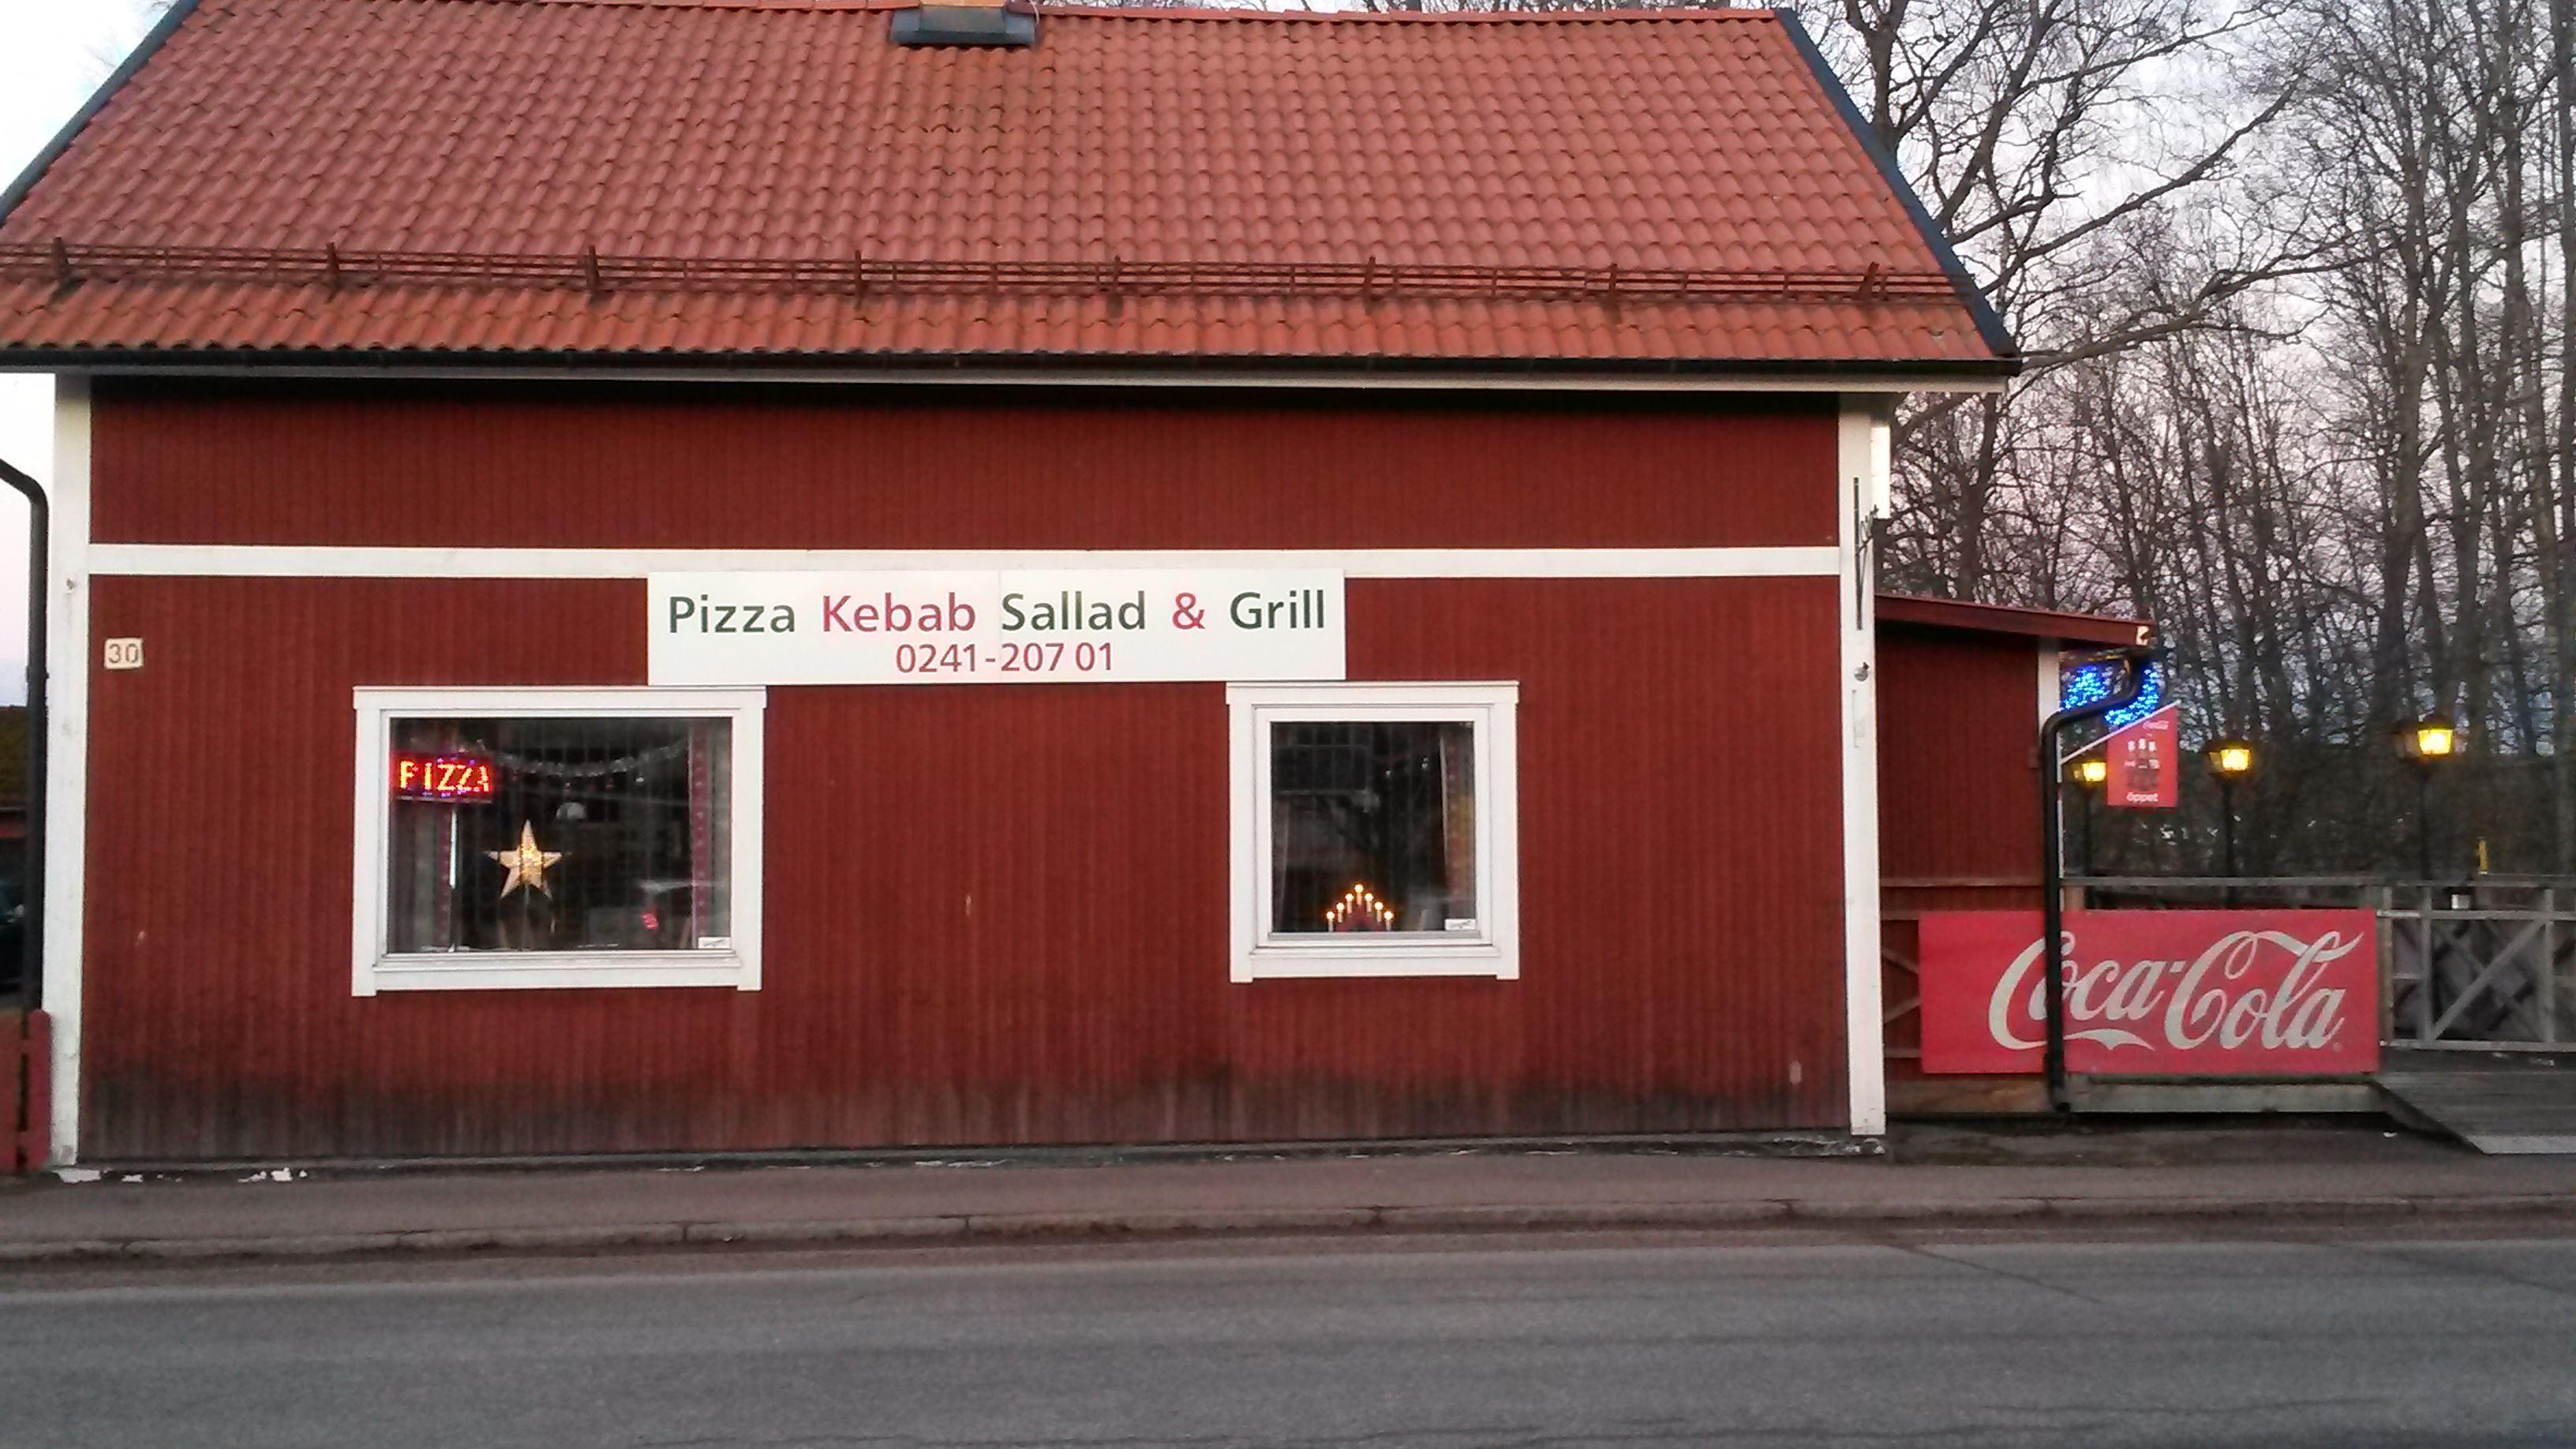 Mockfjärds Restaurang & Pizzeria